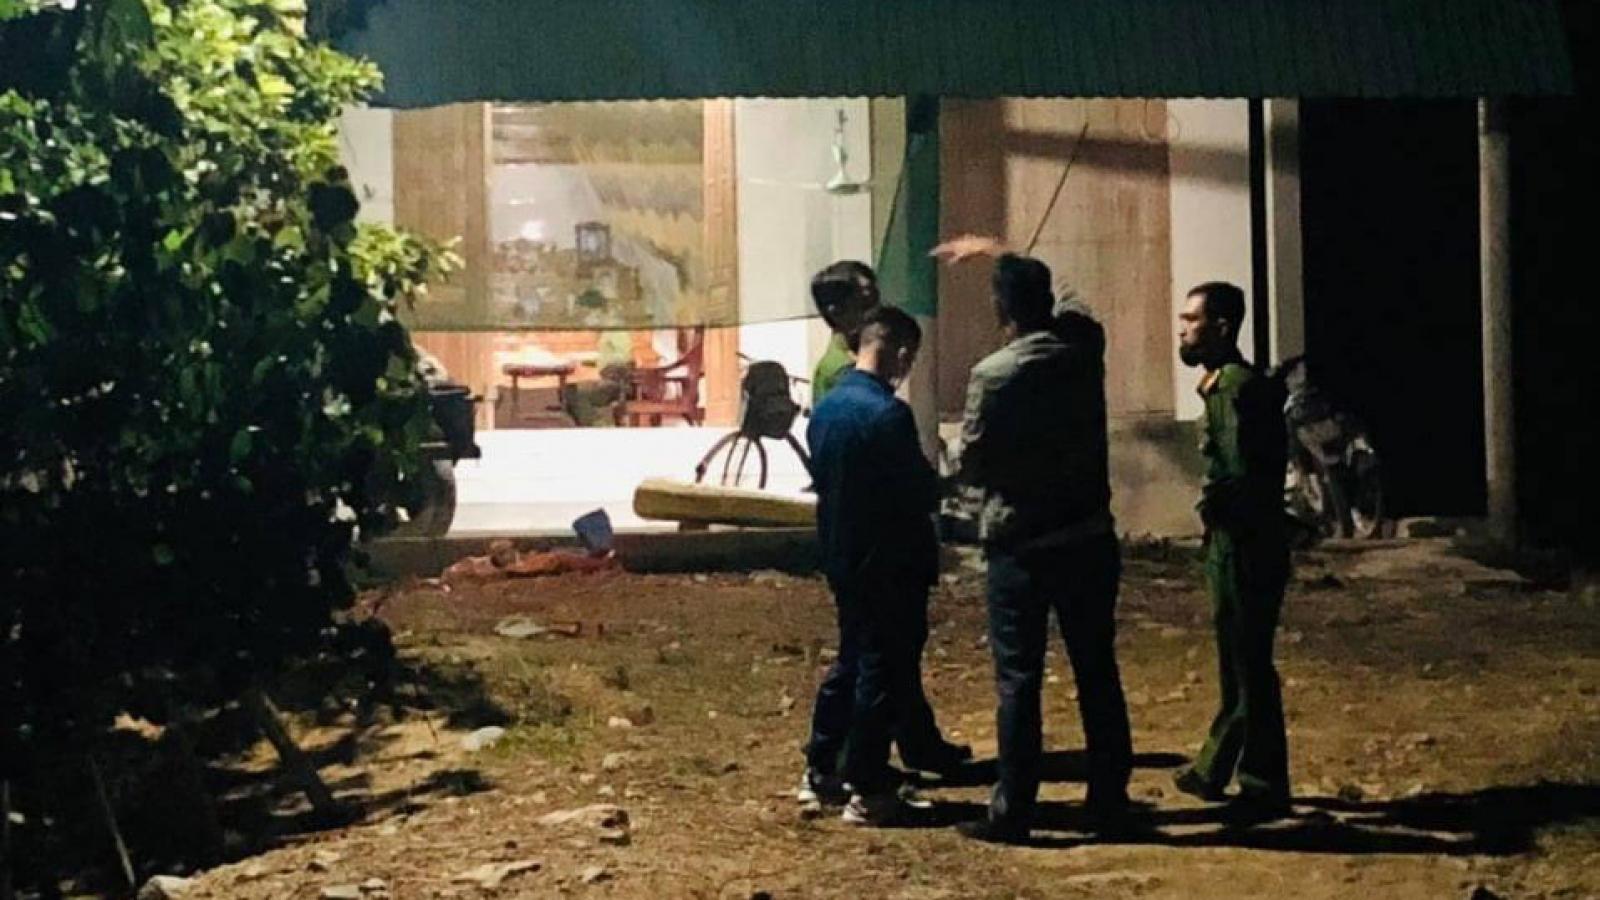 Nóng 24h: Khẩn trương điều tra vụ bé trai 8 tuổi bị sát hại trước hiên nhà